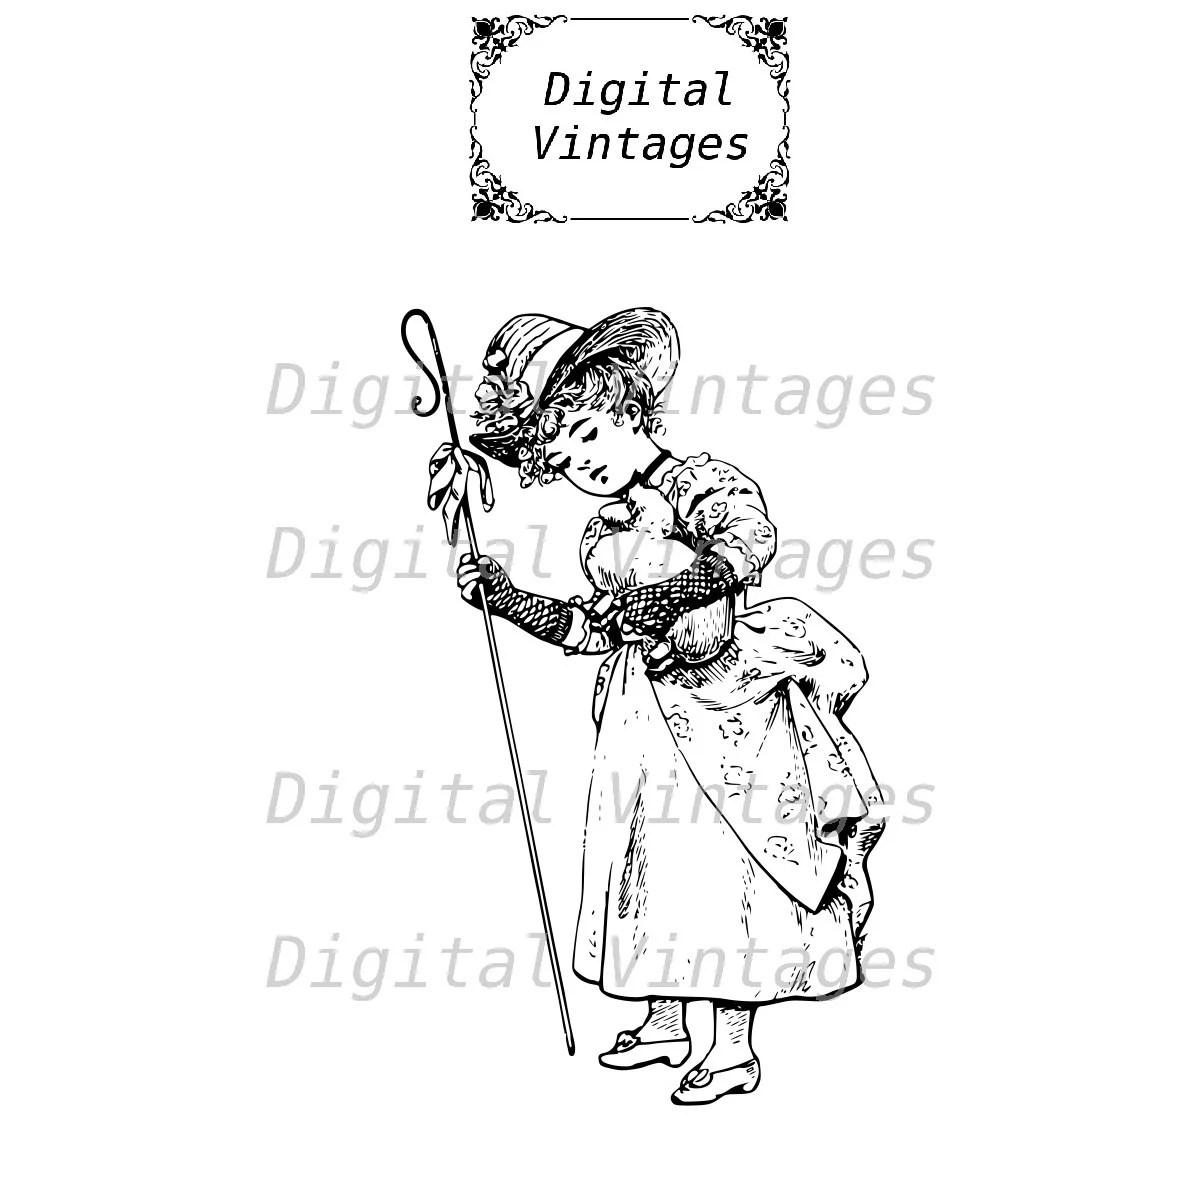 Little Bo Peep Fairy Tale Nursery Rhyme Design Vintage